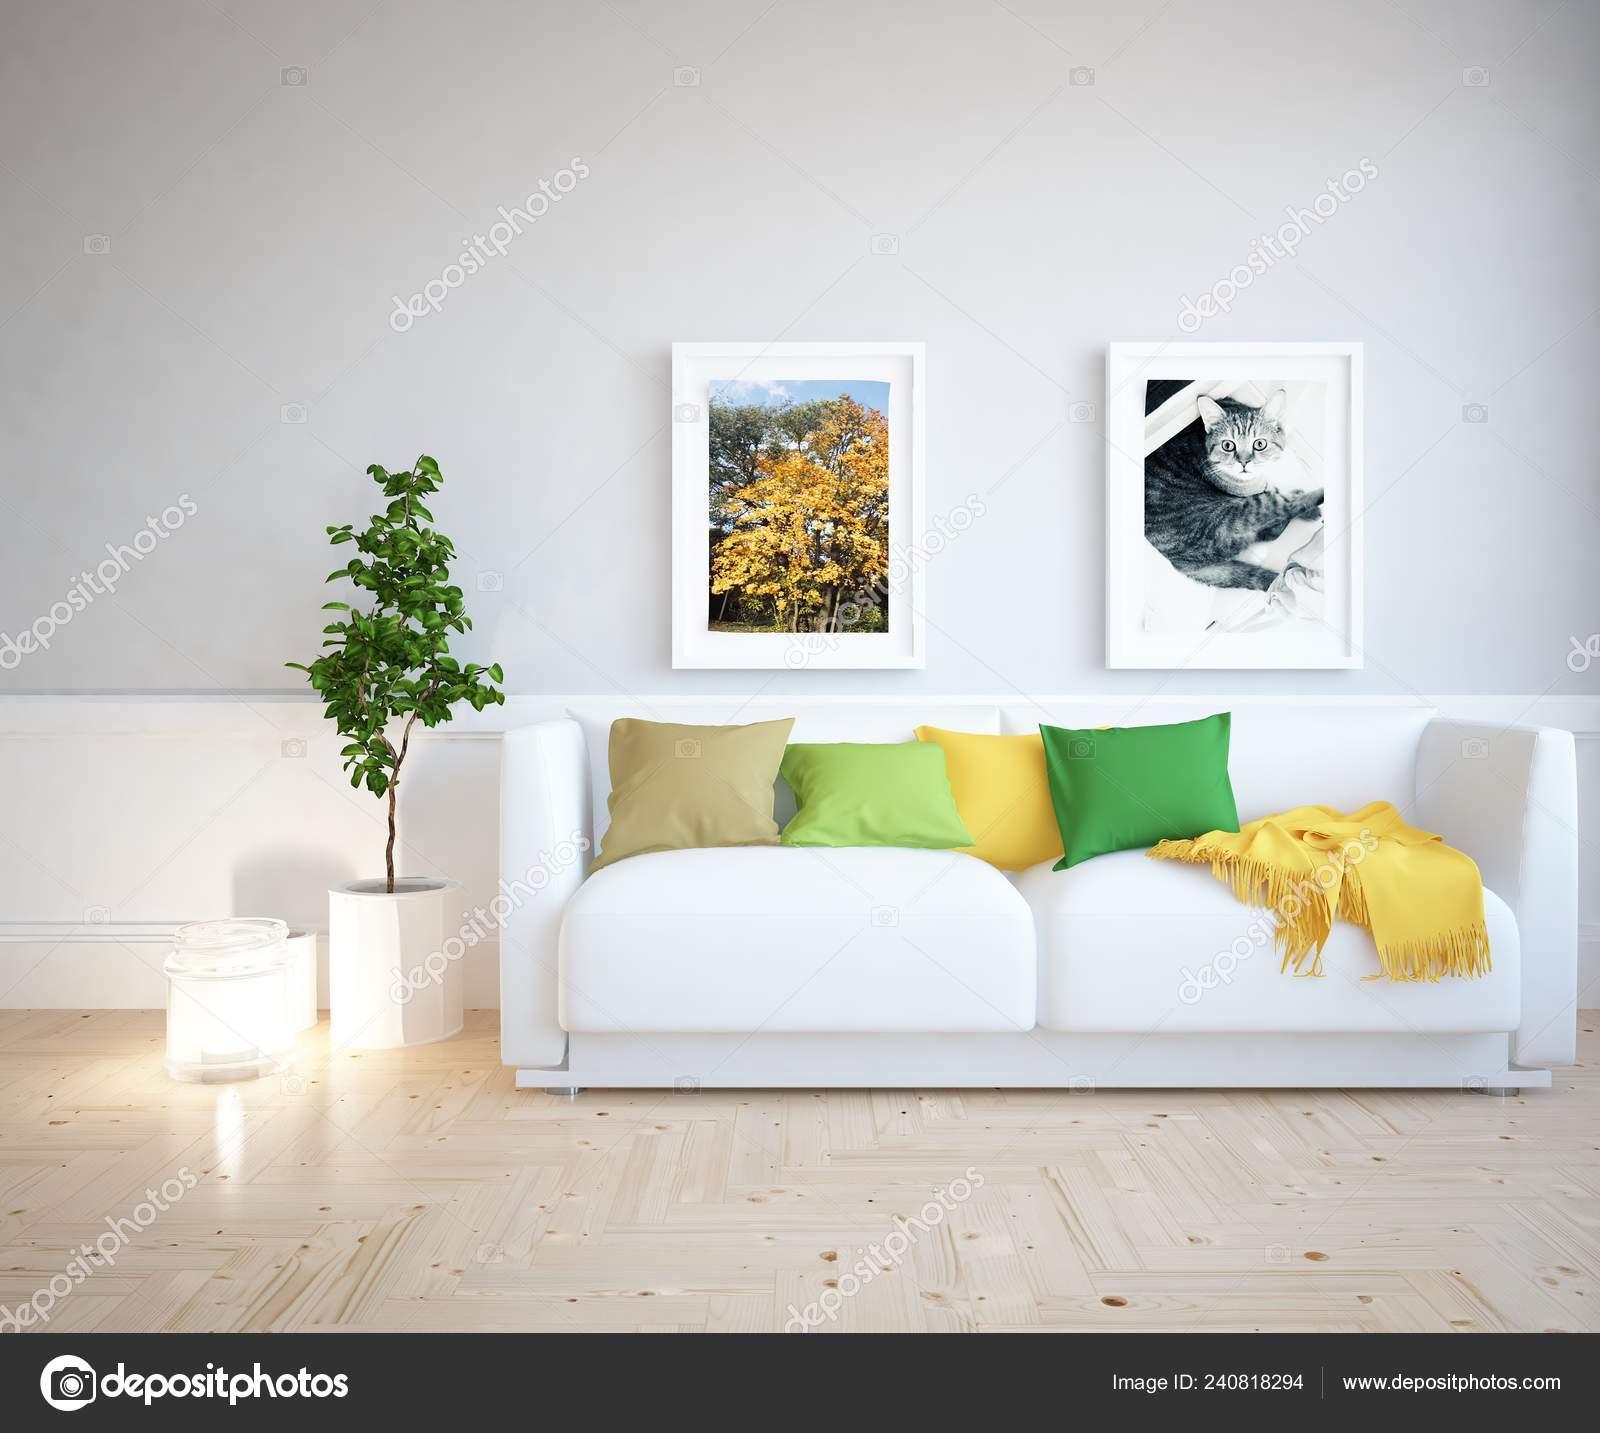 Idee Des Skandinavischen Wohnzimmer Interieur Mit Sofa Pflanze Und ...